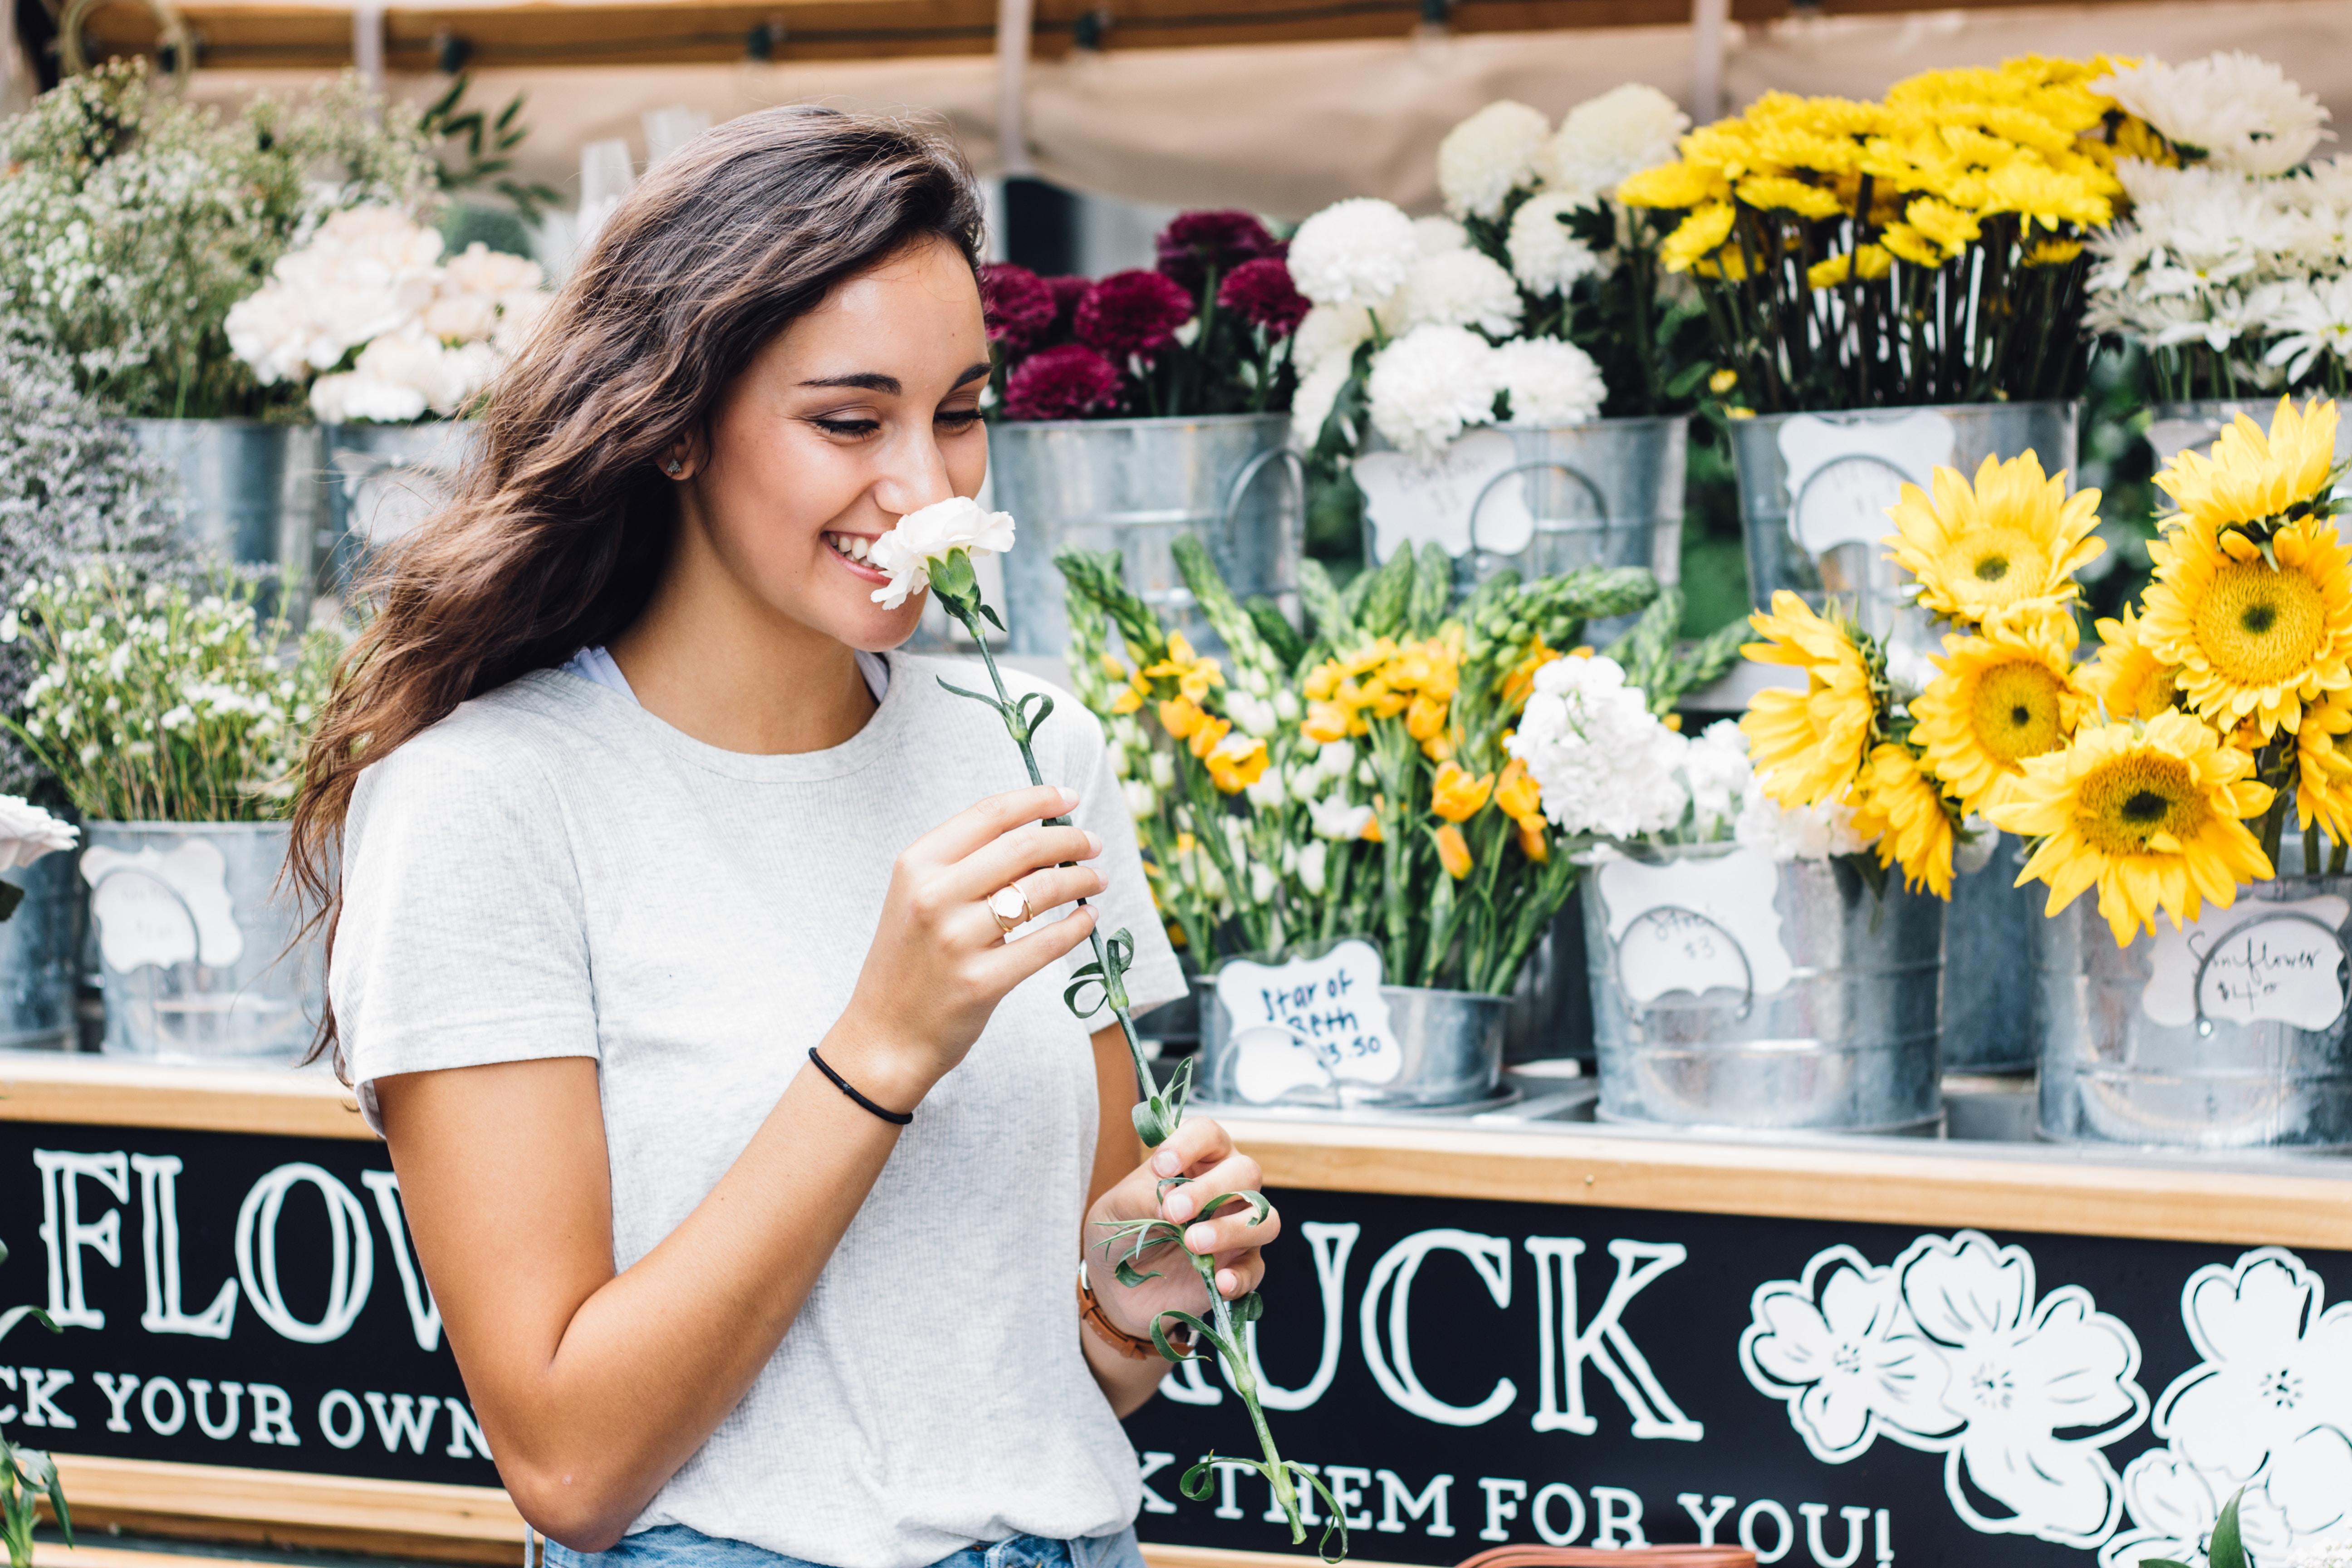 woman smelling flowers beside a flower shop